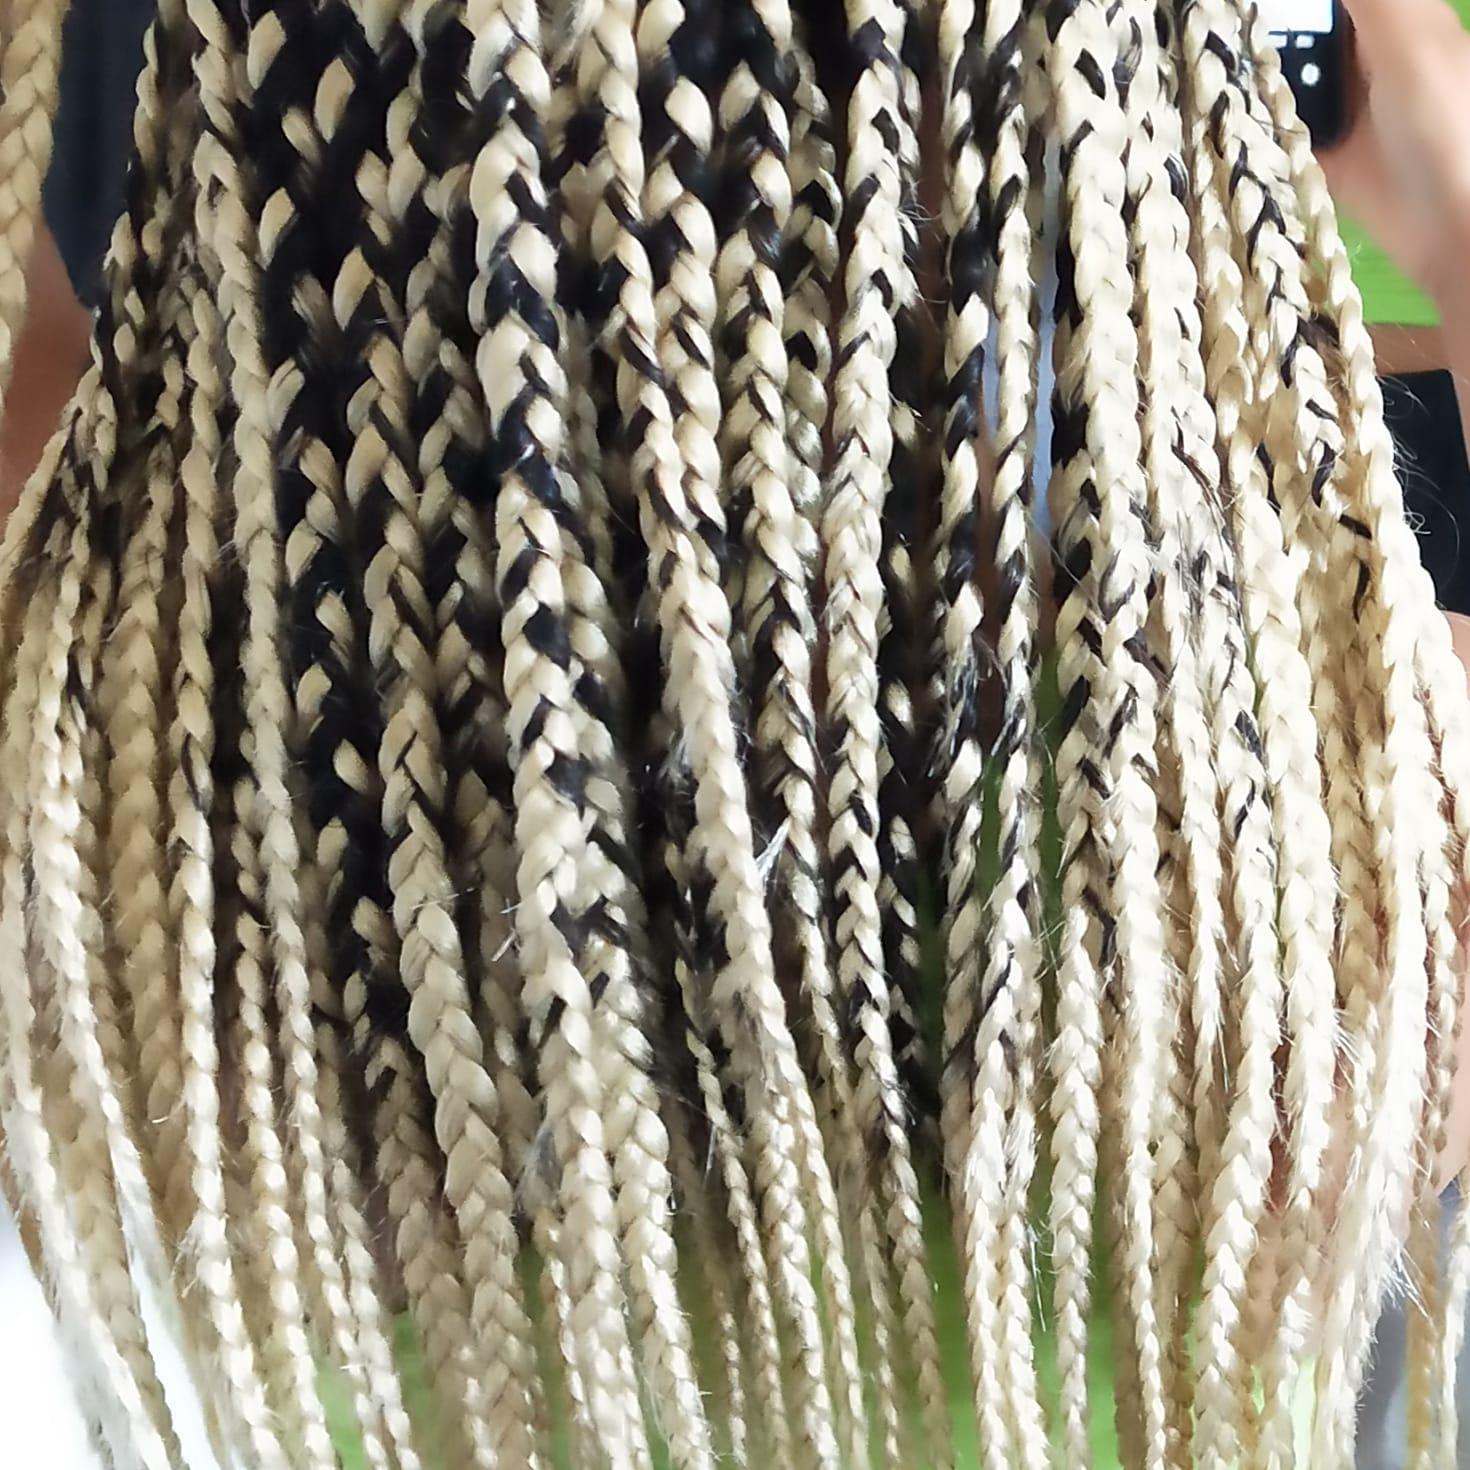 salon de coiffure afro tresse tresses box braids crochet braids vanilles tissages paris 75 77 78 91 92 93 94 95 GHDHPCCB